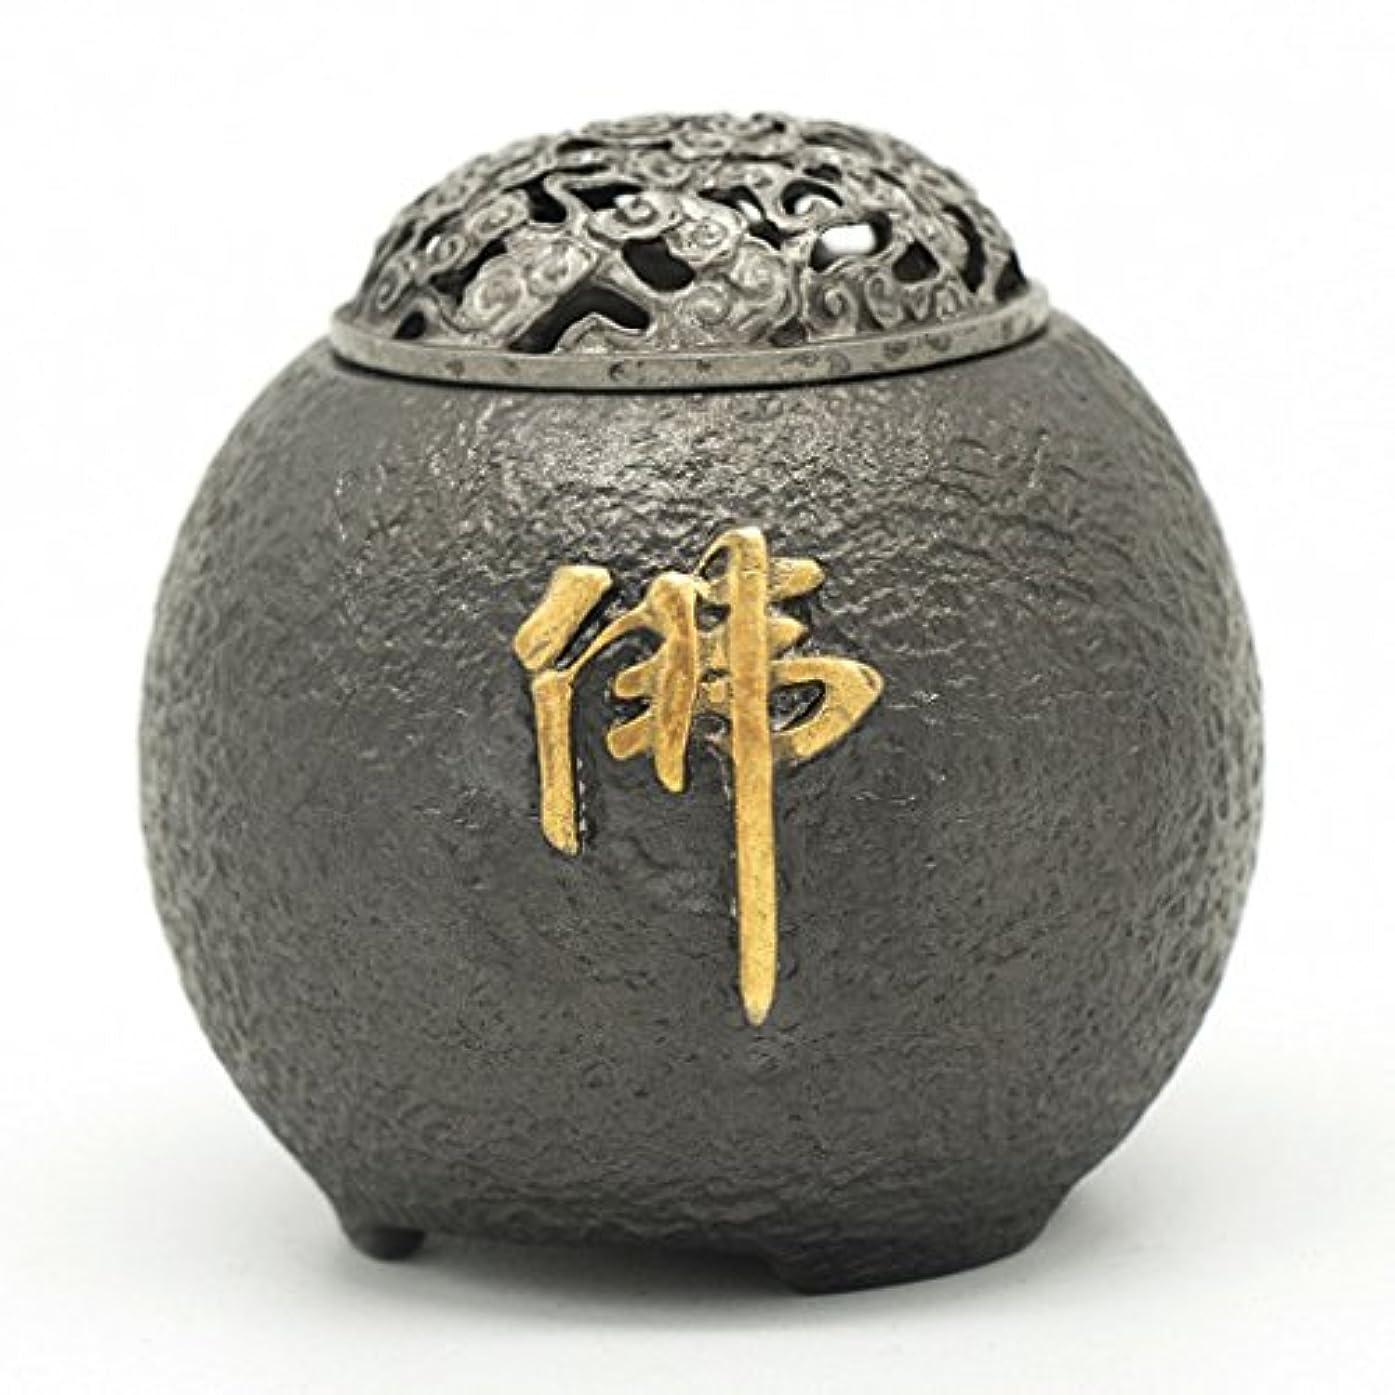 省略するキャラクター軽減する(ラシューバー) Lasuiveur 陶磁器 香炉 香立て 線香立て お香立て